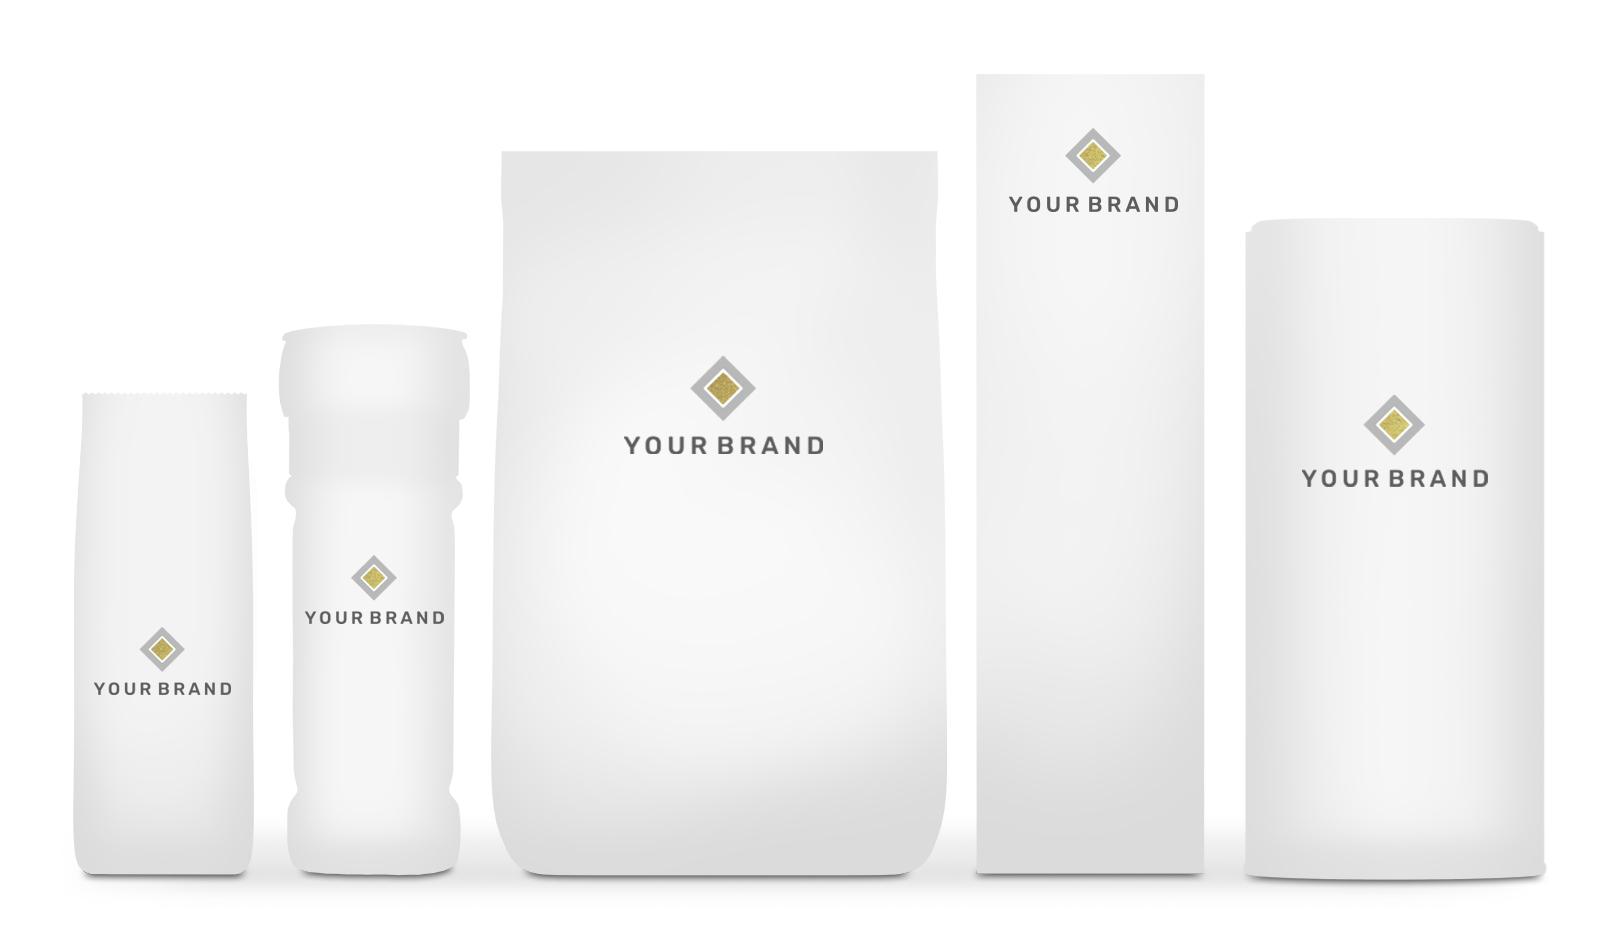 https://www.tsi.de/app/uploads/2019/06/TSI_Herbs_yourbrand.jpg